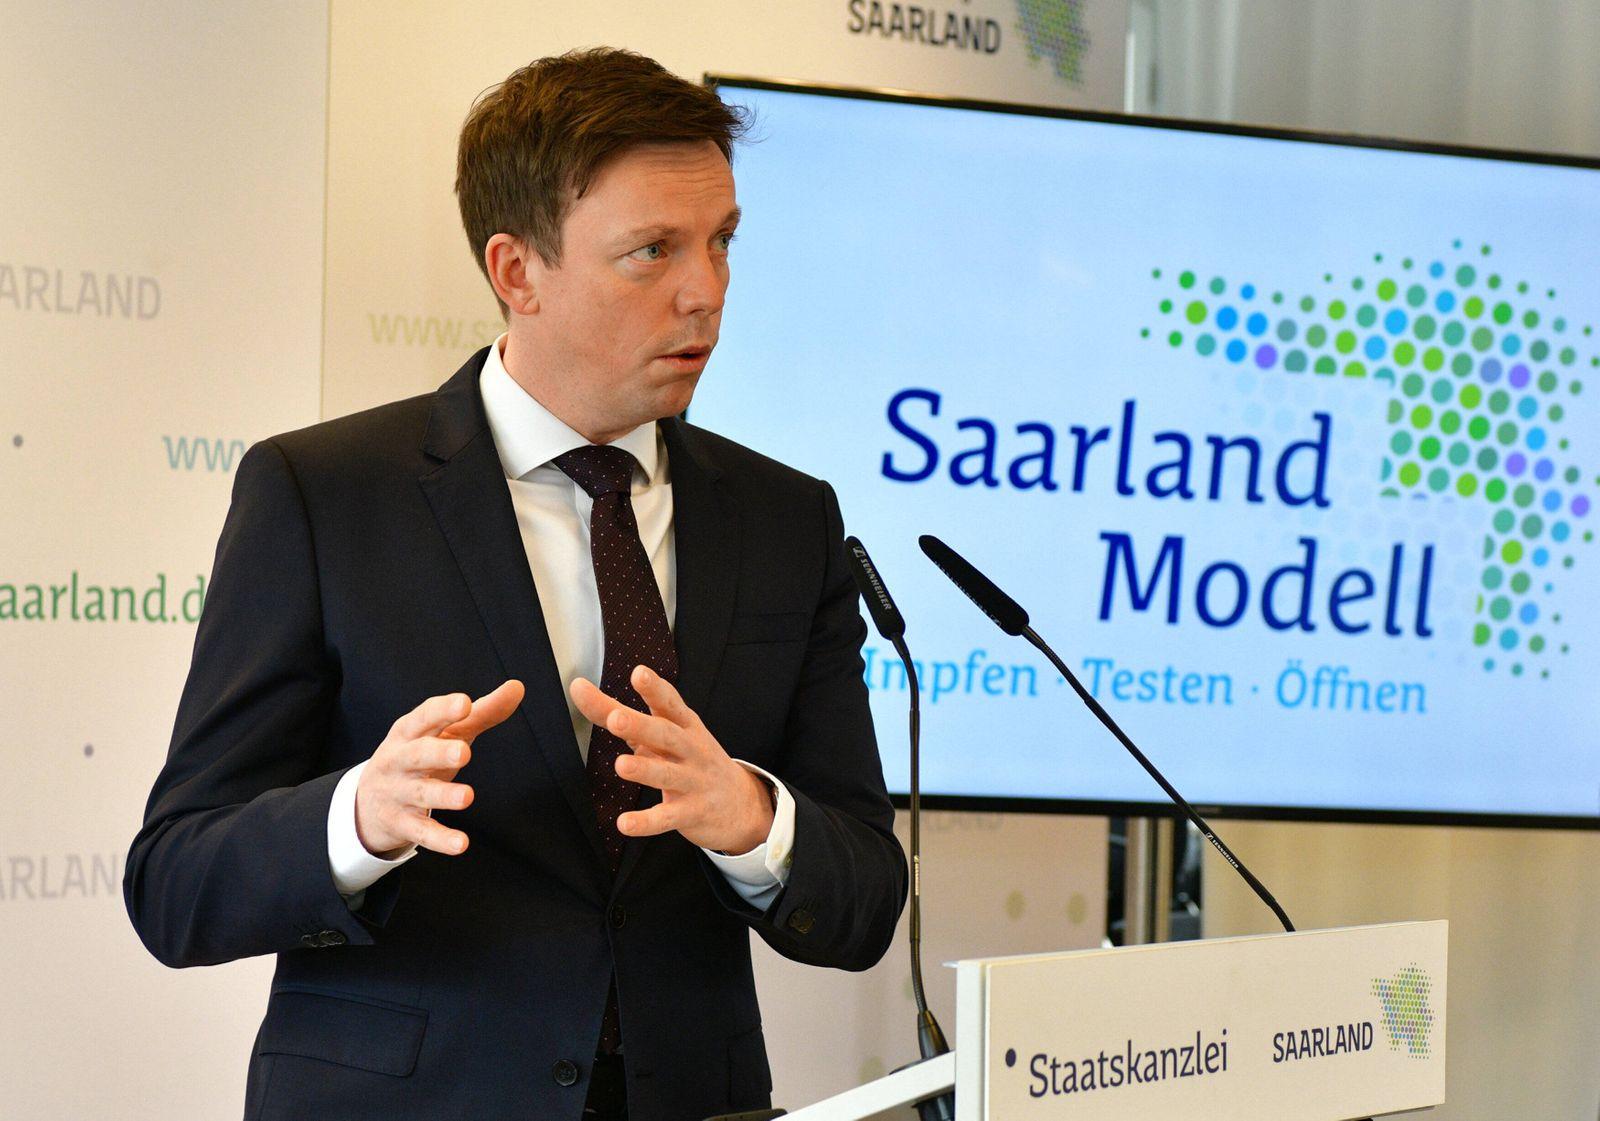 Saarlands Ministerpräsident Tobias Hans (CDU) und Wirtschaftsministerin Anke Rehlinger (SPD) stellen am Donnerstag (25.3